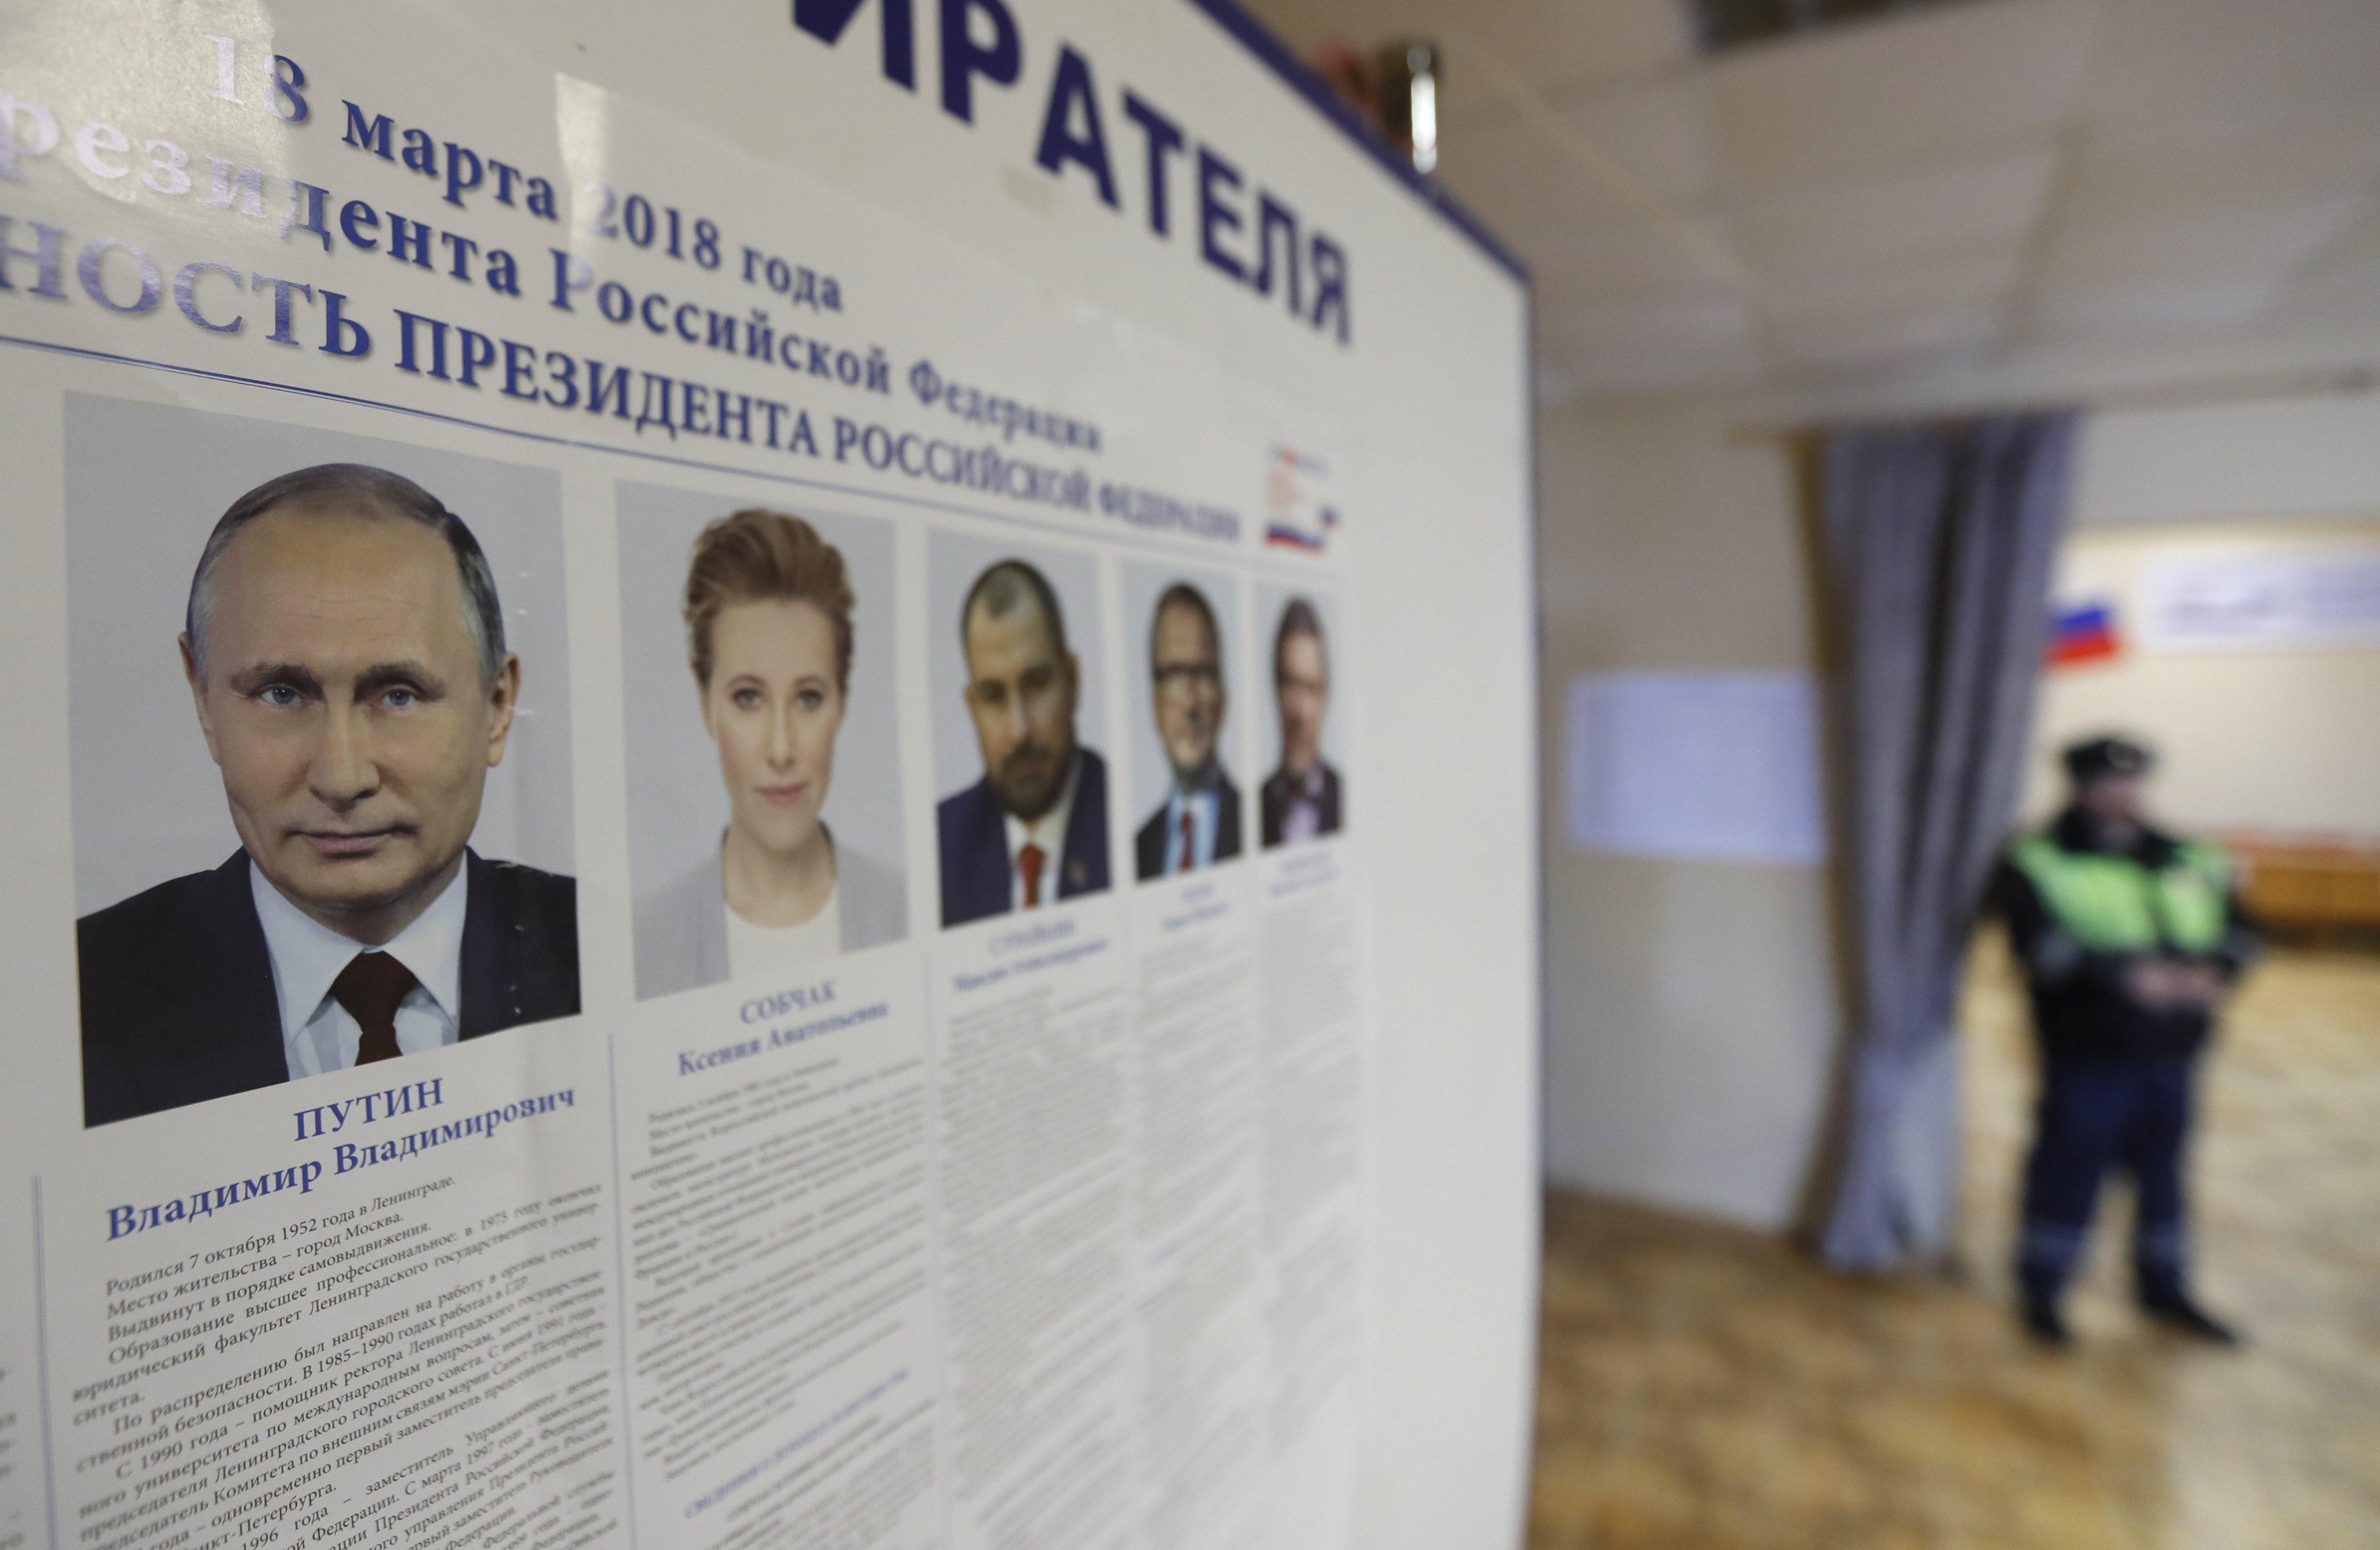 Borovszk, 2018. március 17. Az elnökválasztáson újra induló Vlagyimir Putyin hivatalban levő orosz államfő (b) és vetélytársai portréja egy szavazóhelyiségben, a Moszkvától mintegy száz kilométerre levő Borovszkban 2018. március 17-én, az elnökválasztás előtti napon. (MTI/EPA/Jurij Kocsetkov)